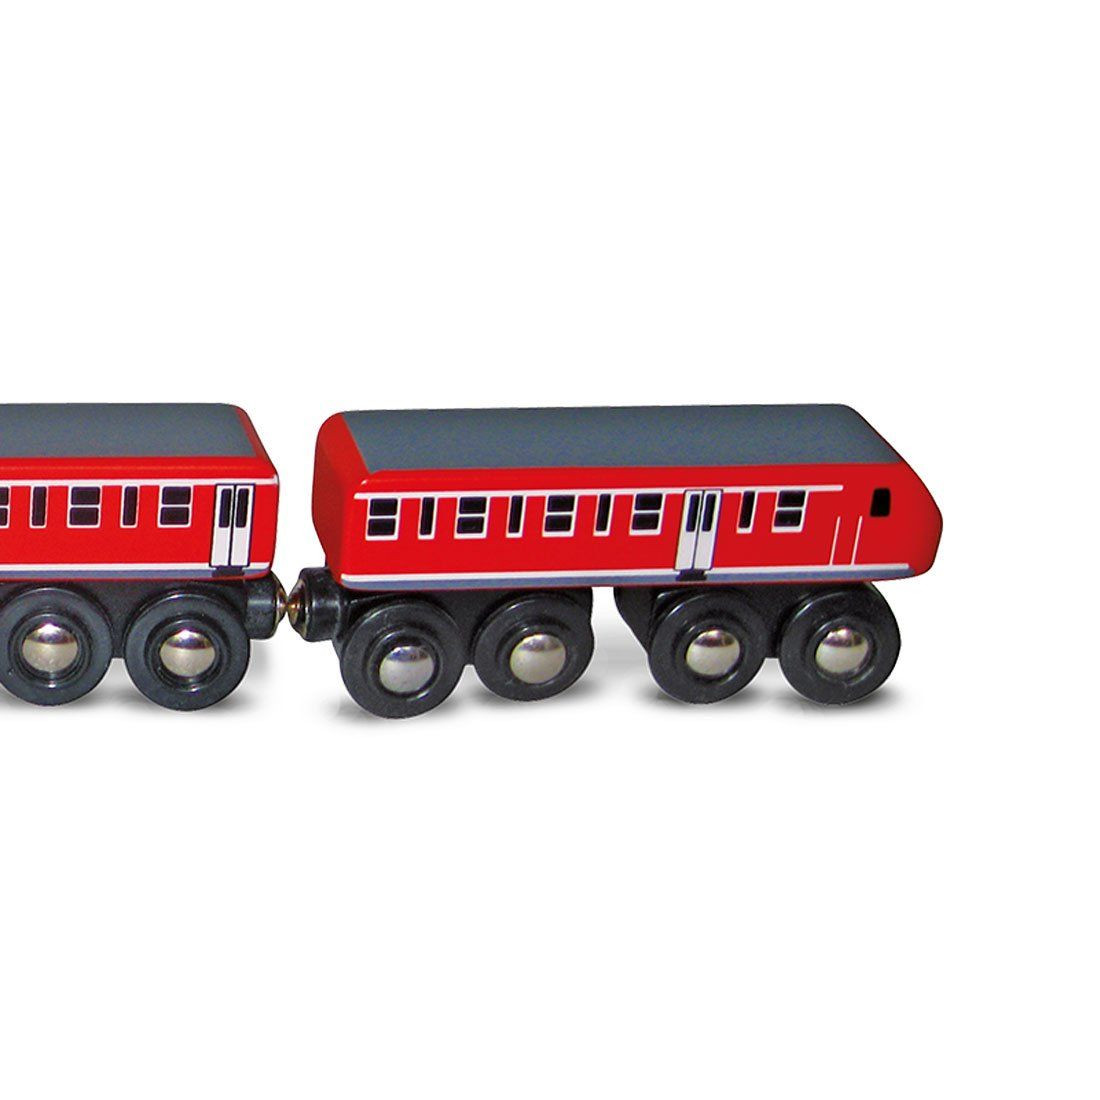 Trenino in legno rosso di spielmaus un bel regalo per bambini - Trenino di legno ikea ...